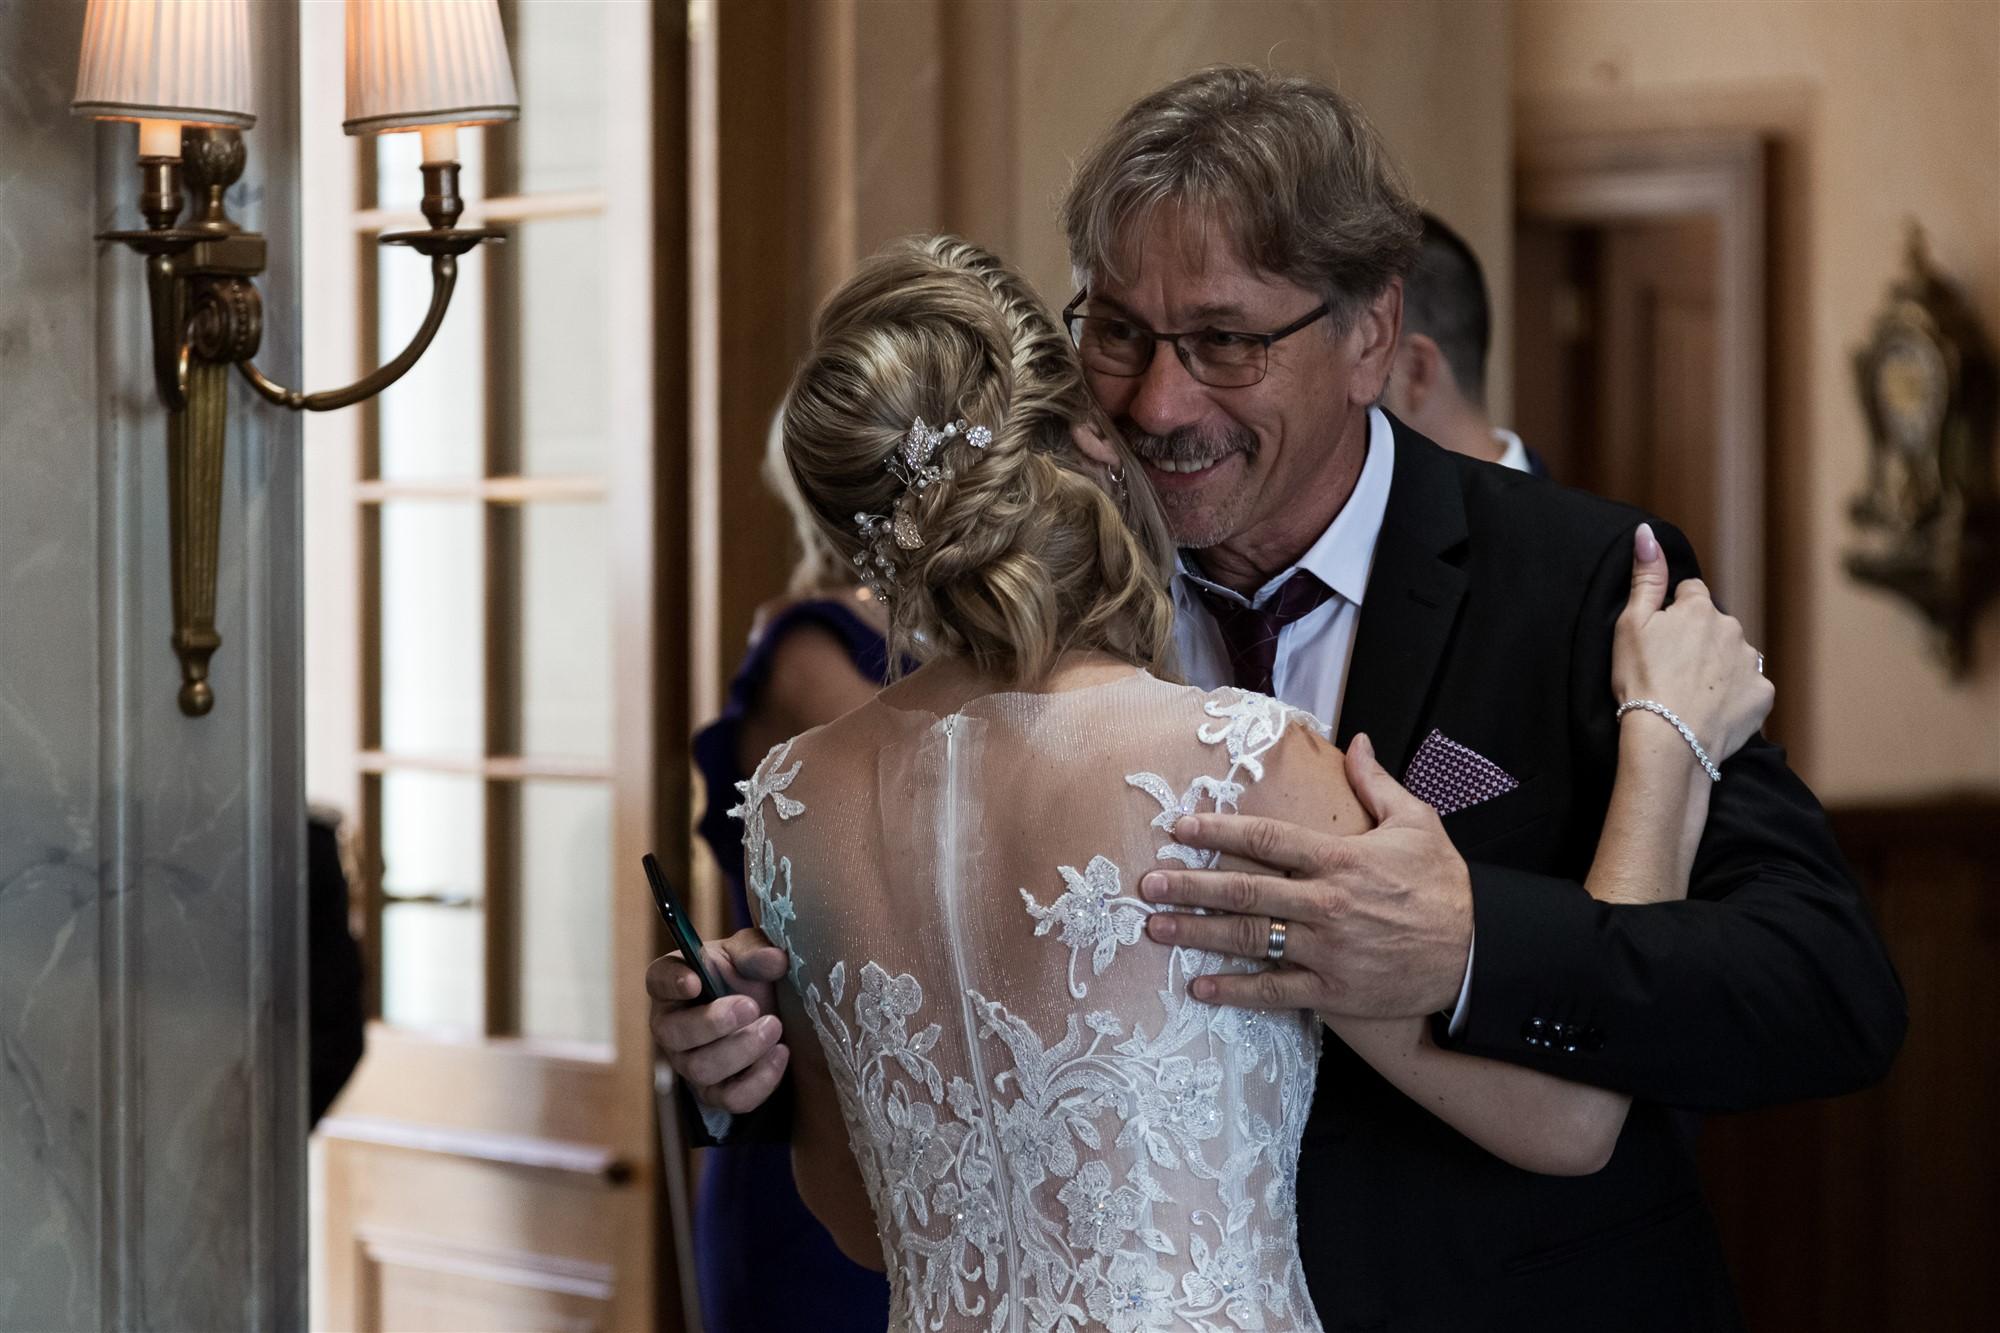 Hochzeit im Grand Hotel Les Trois Rois - Begrüssung der Gäste - Hochzeitsfotograf Basel